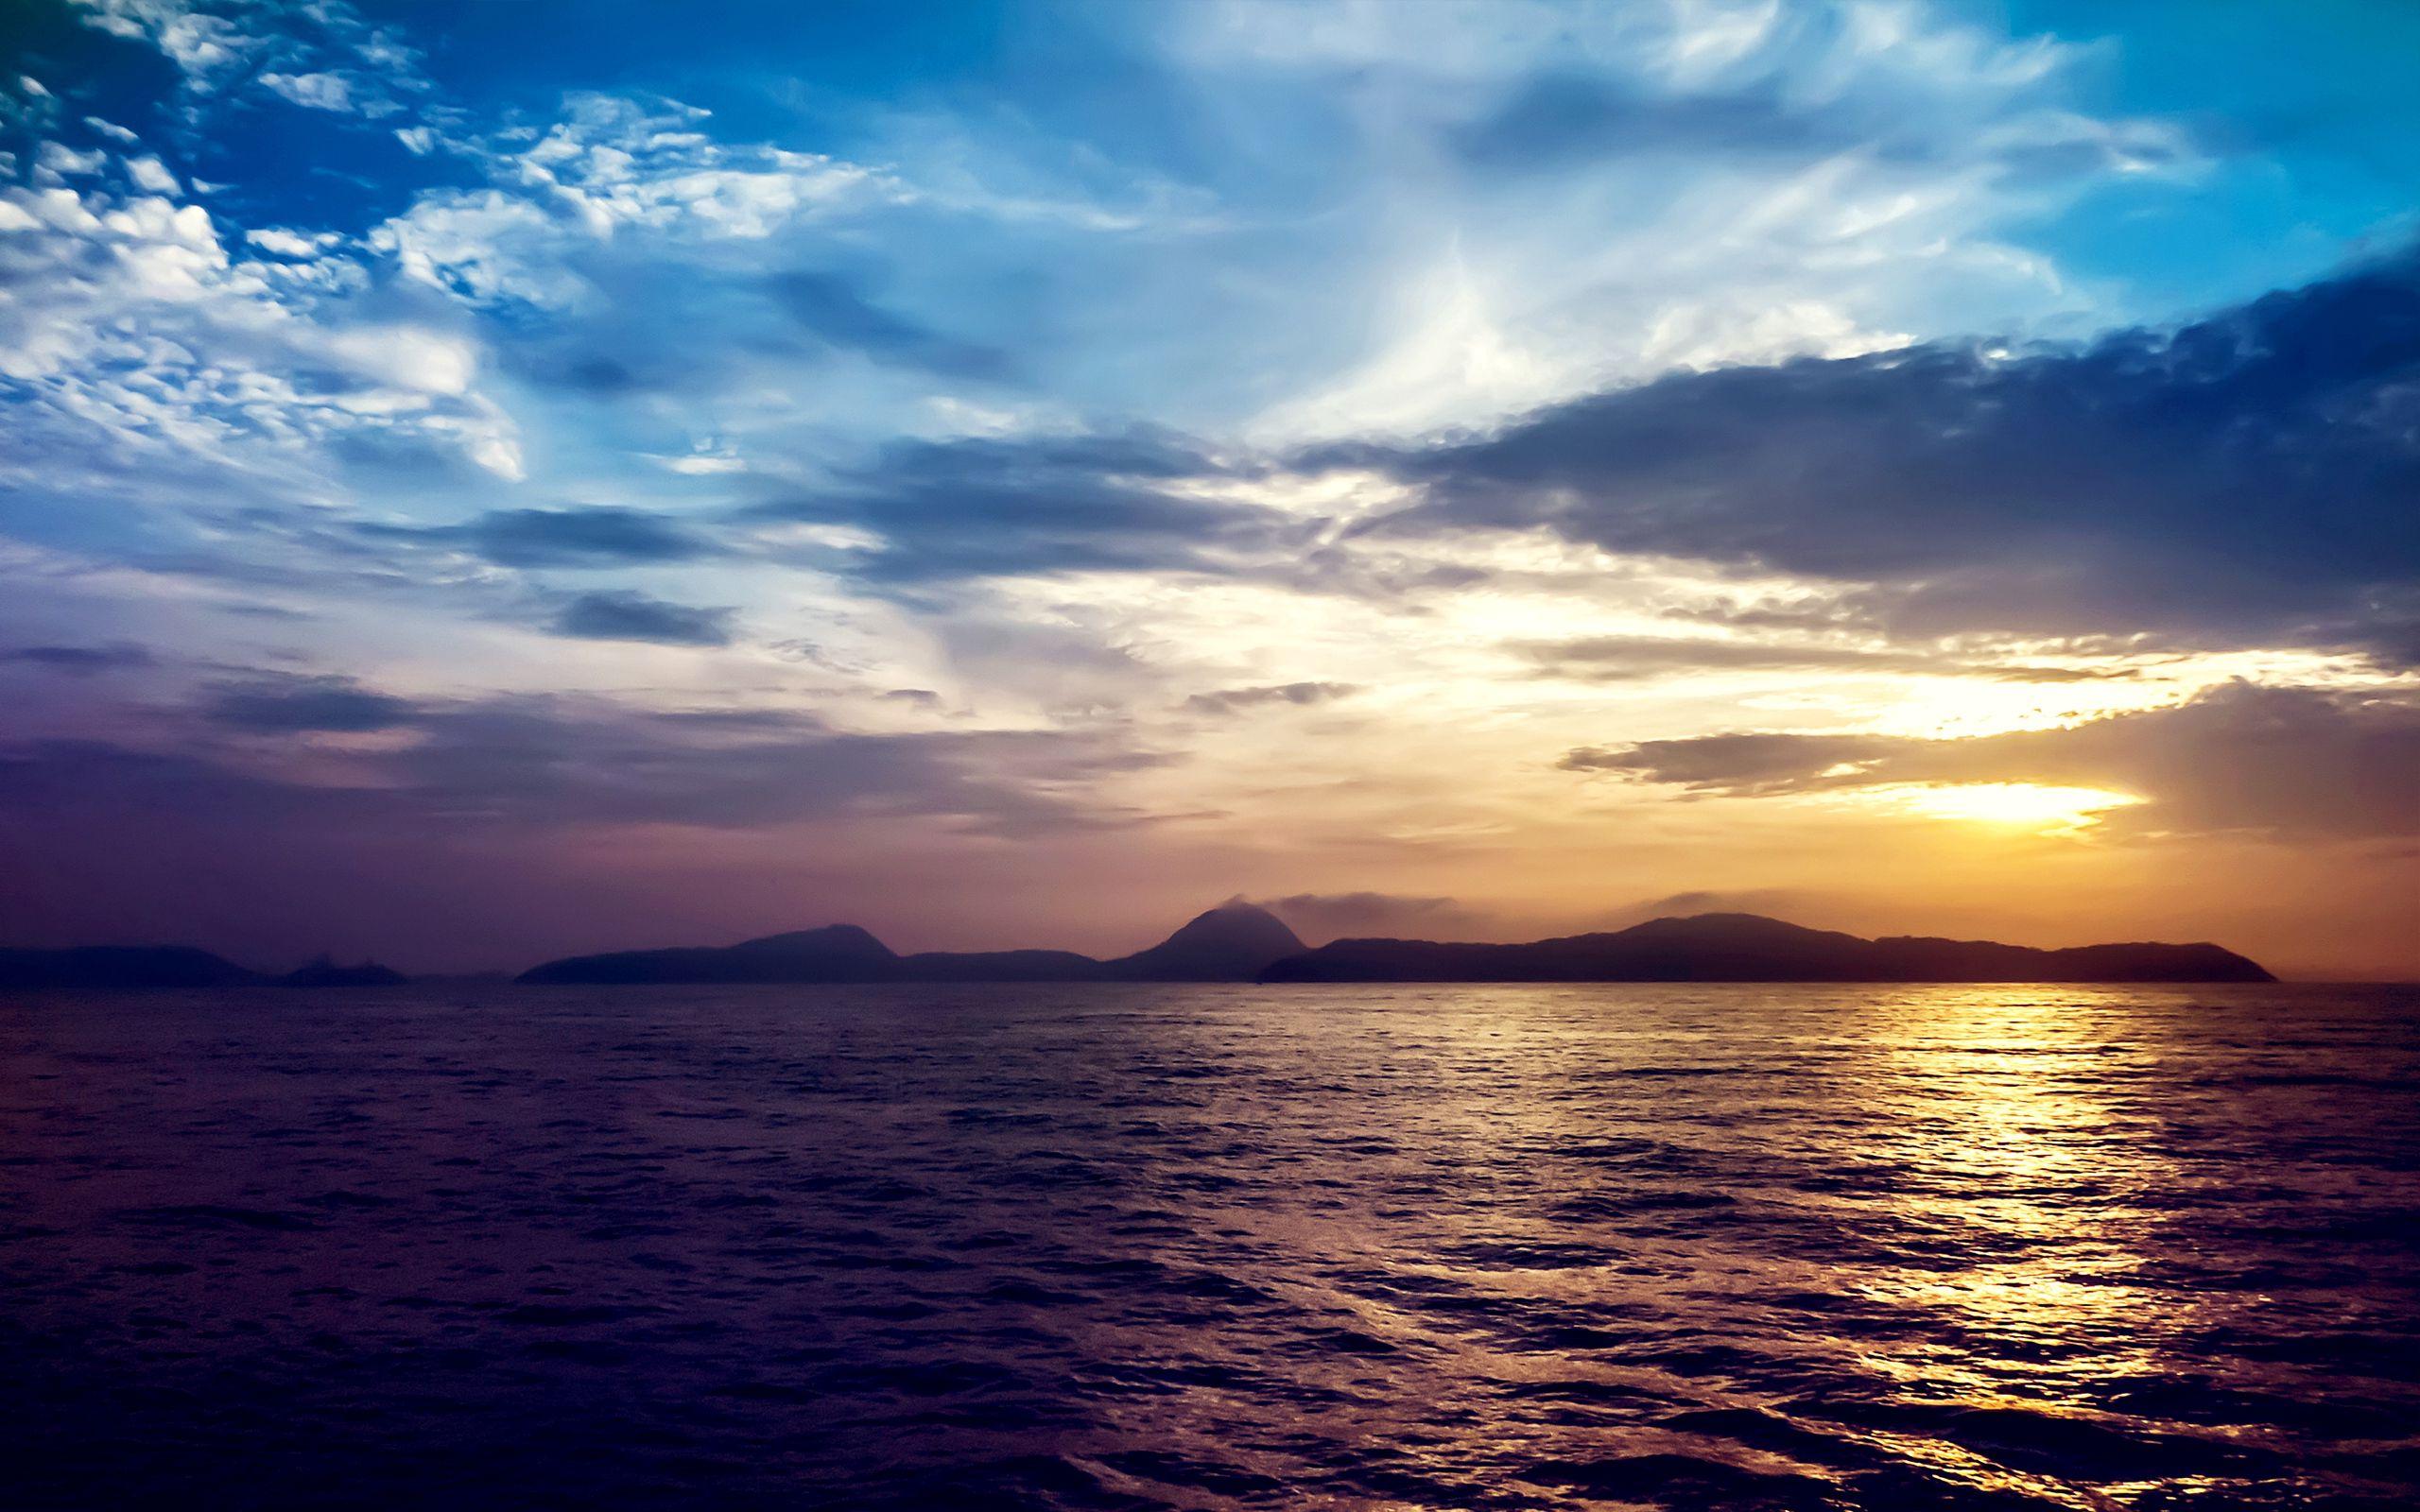 146811壁紙のダウンロード自然, 海, 日没, 岩-スクリーンセーバーと写真を無料で